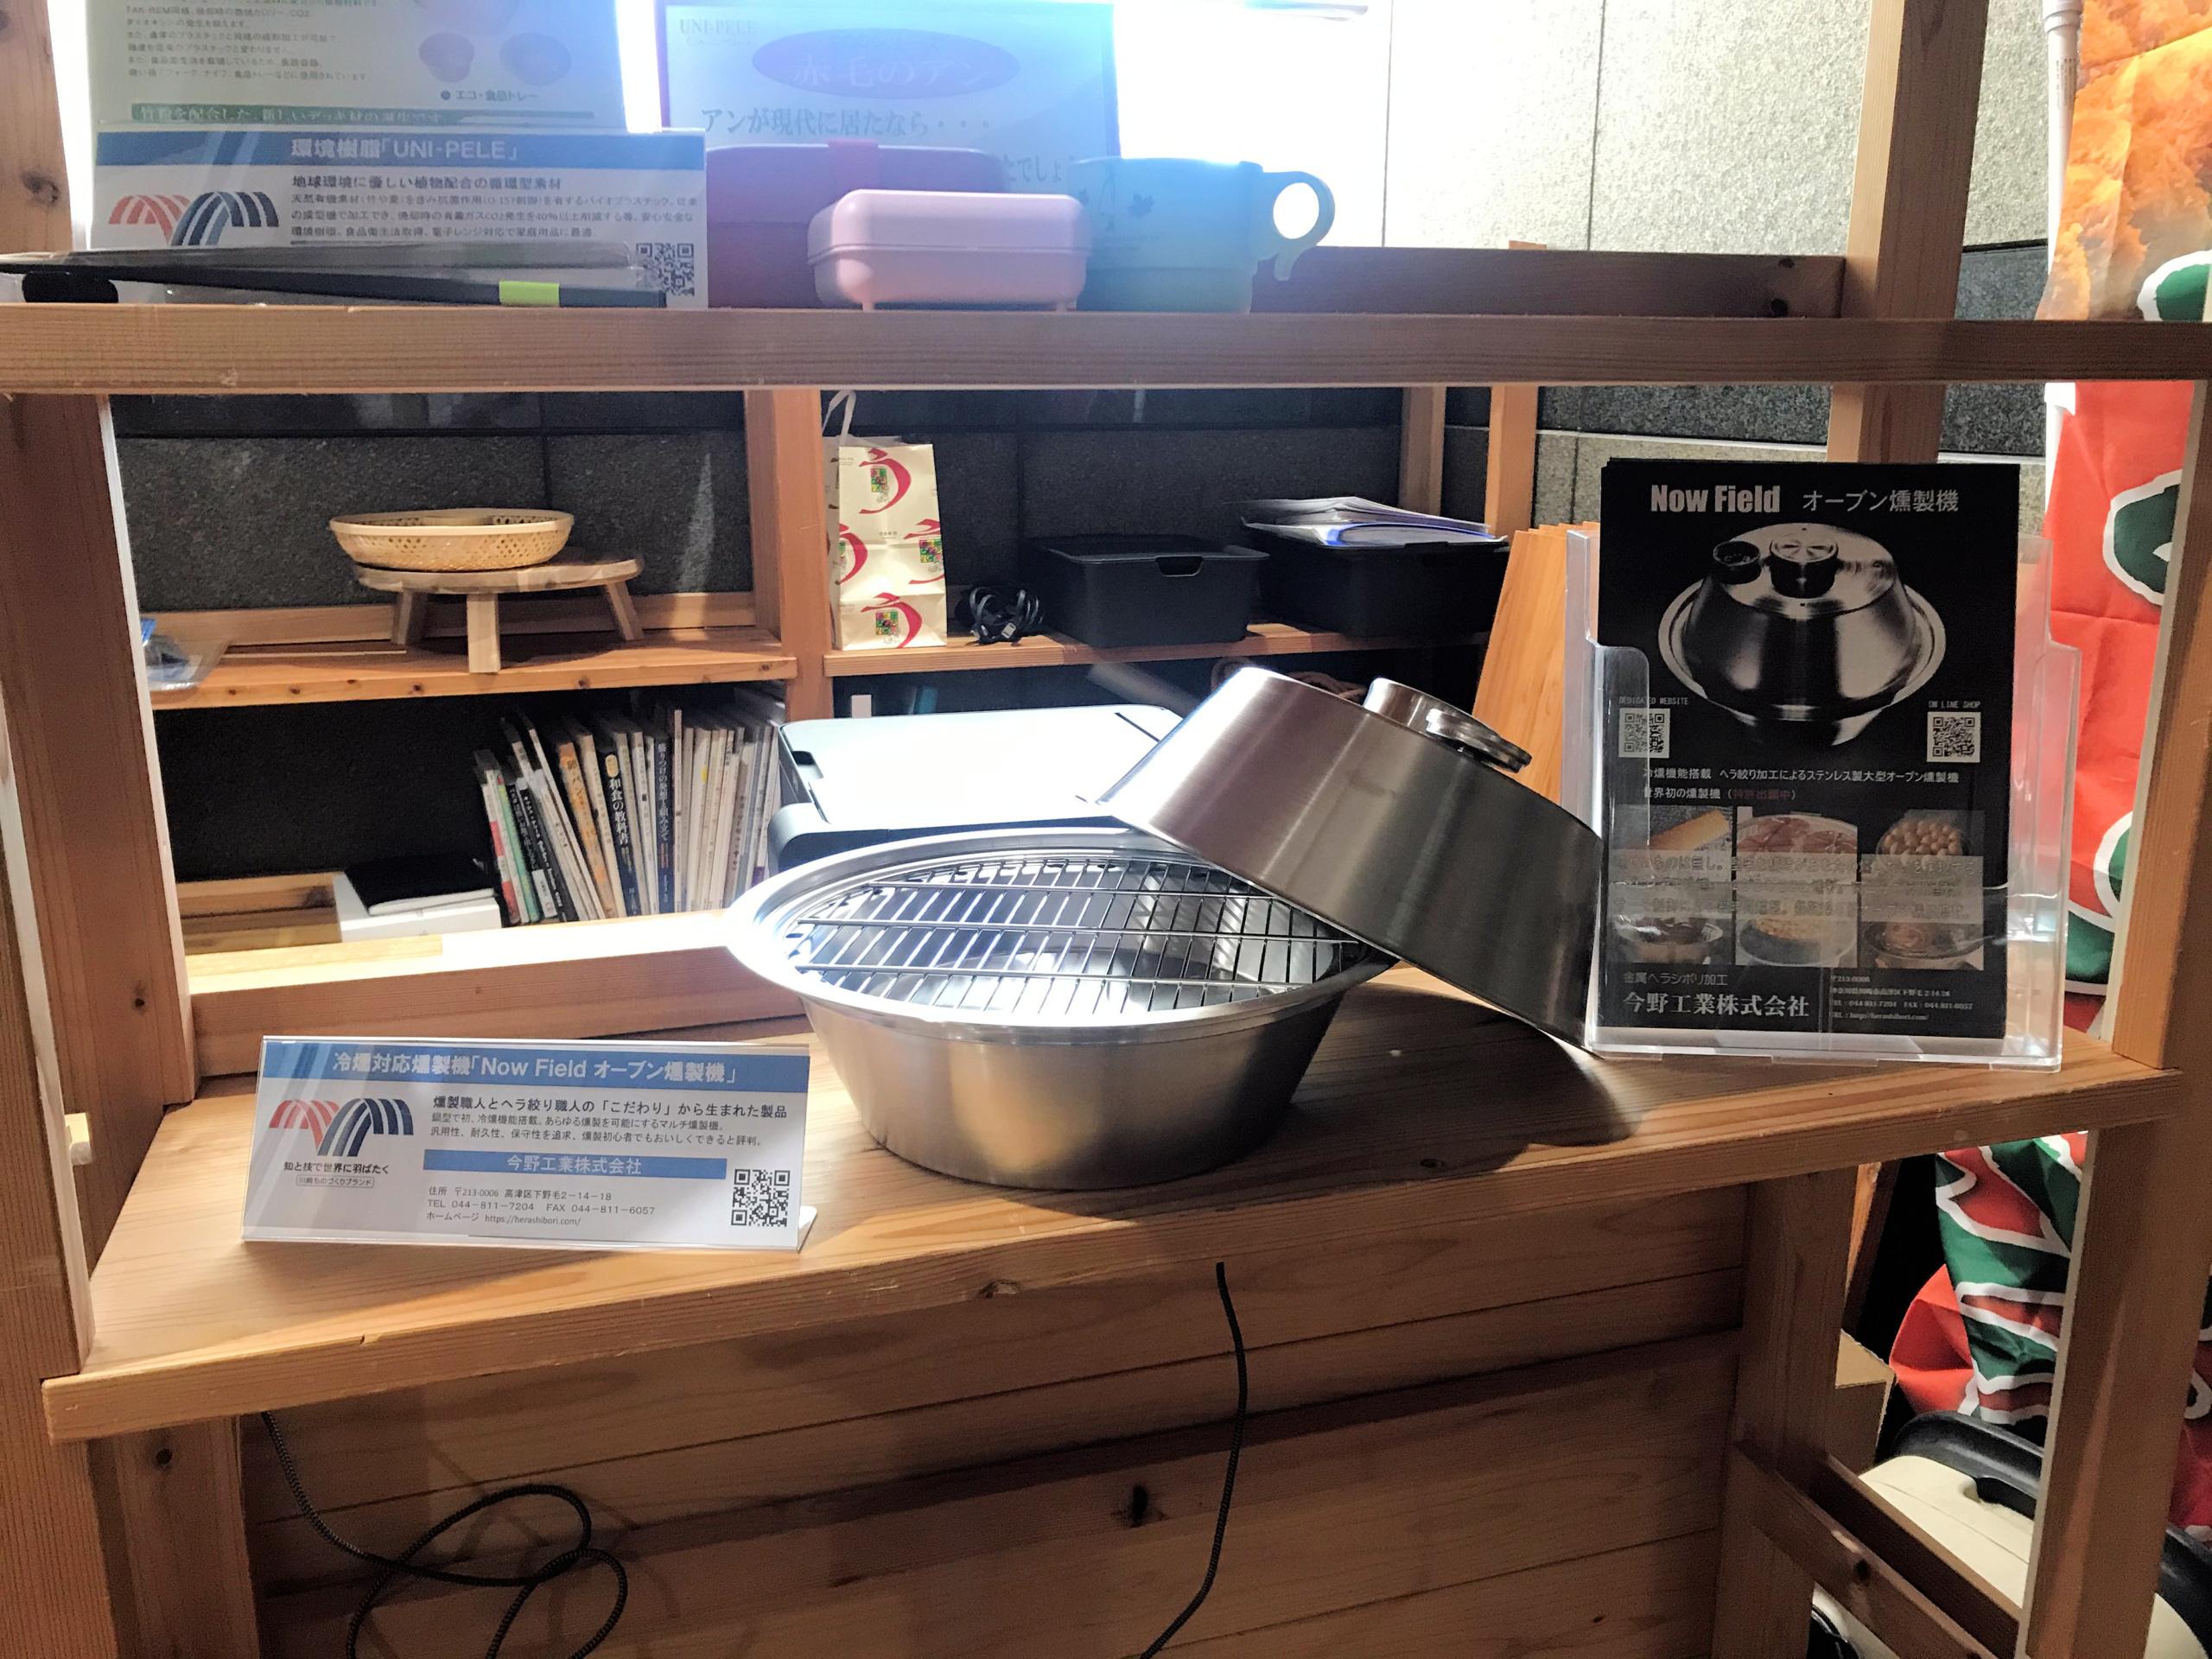 オーブン燻製機の展示